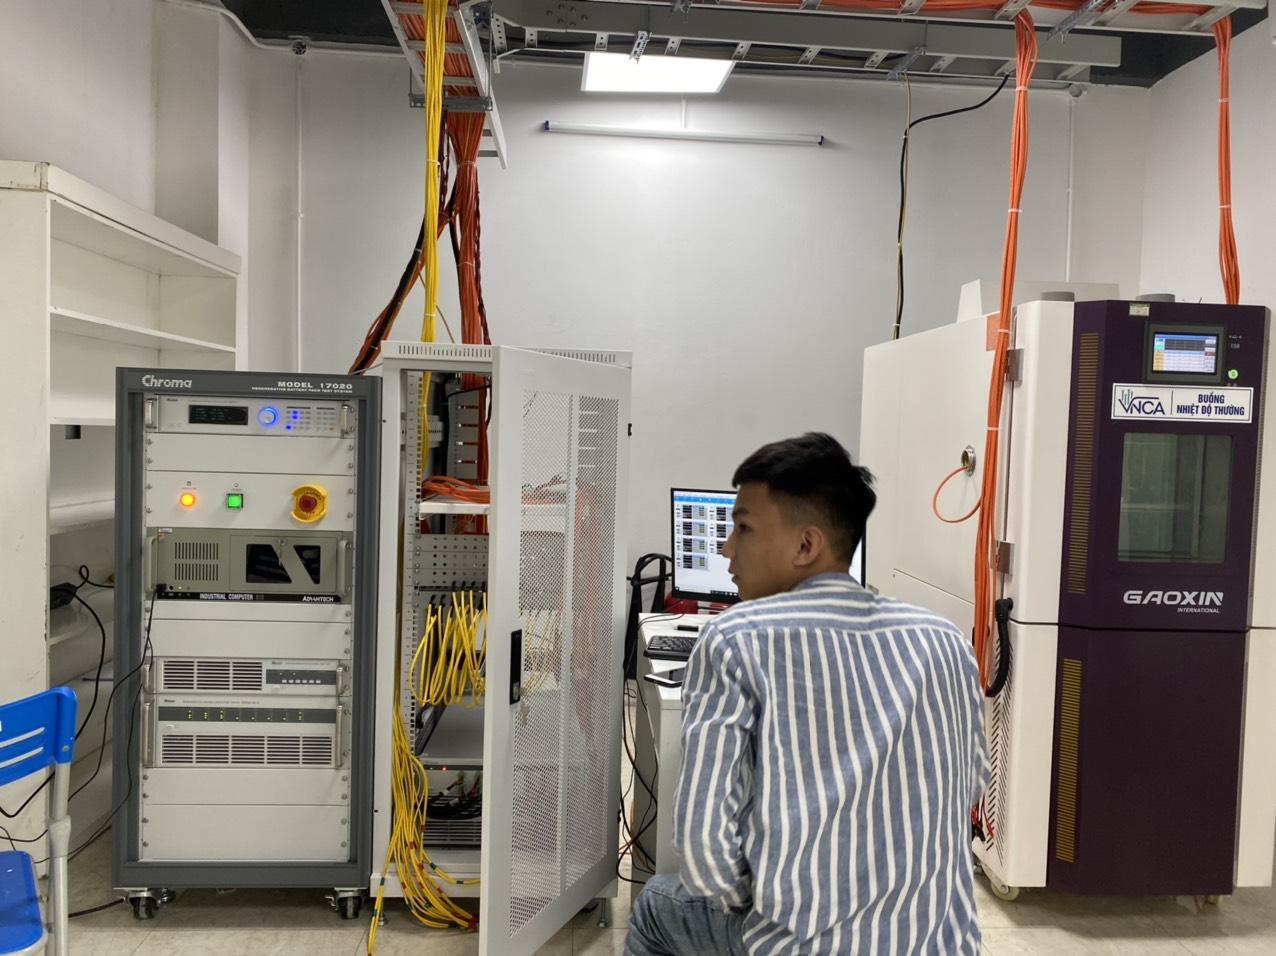 Phòng thử nghiệm pin VNCA được Bộ TT&TT chỉ định, chính thức cung cấp dịch vụ thử nghiệm pin điện thoại, máy tính bảng, máy tính xách tay